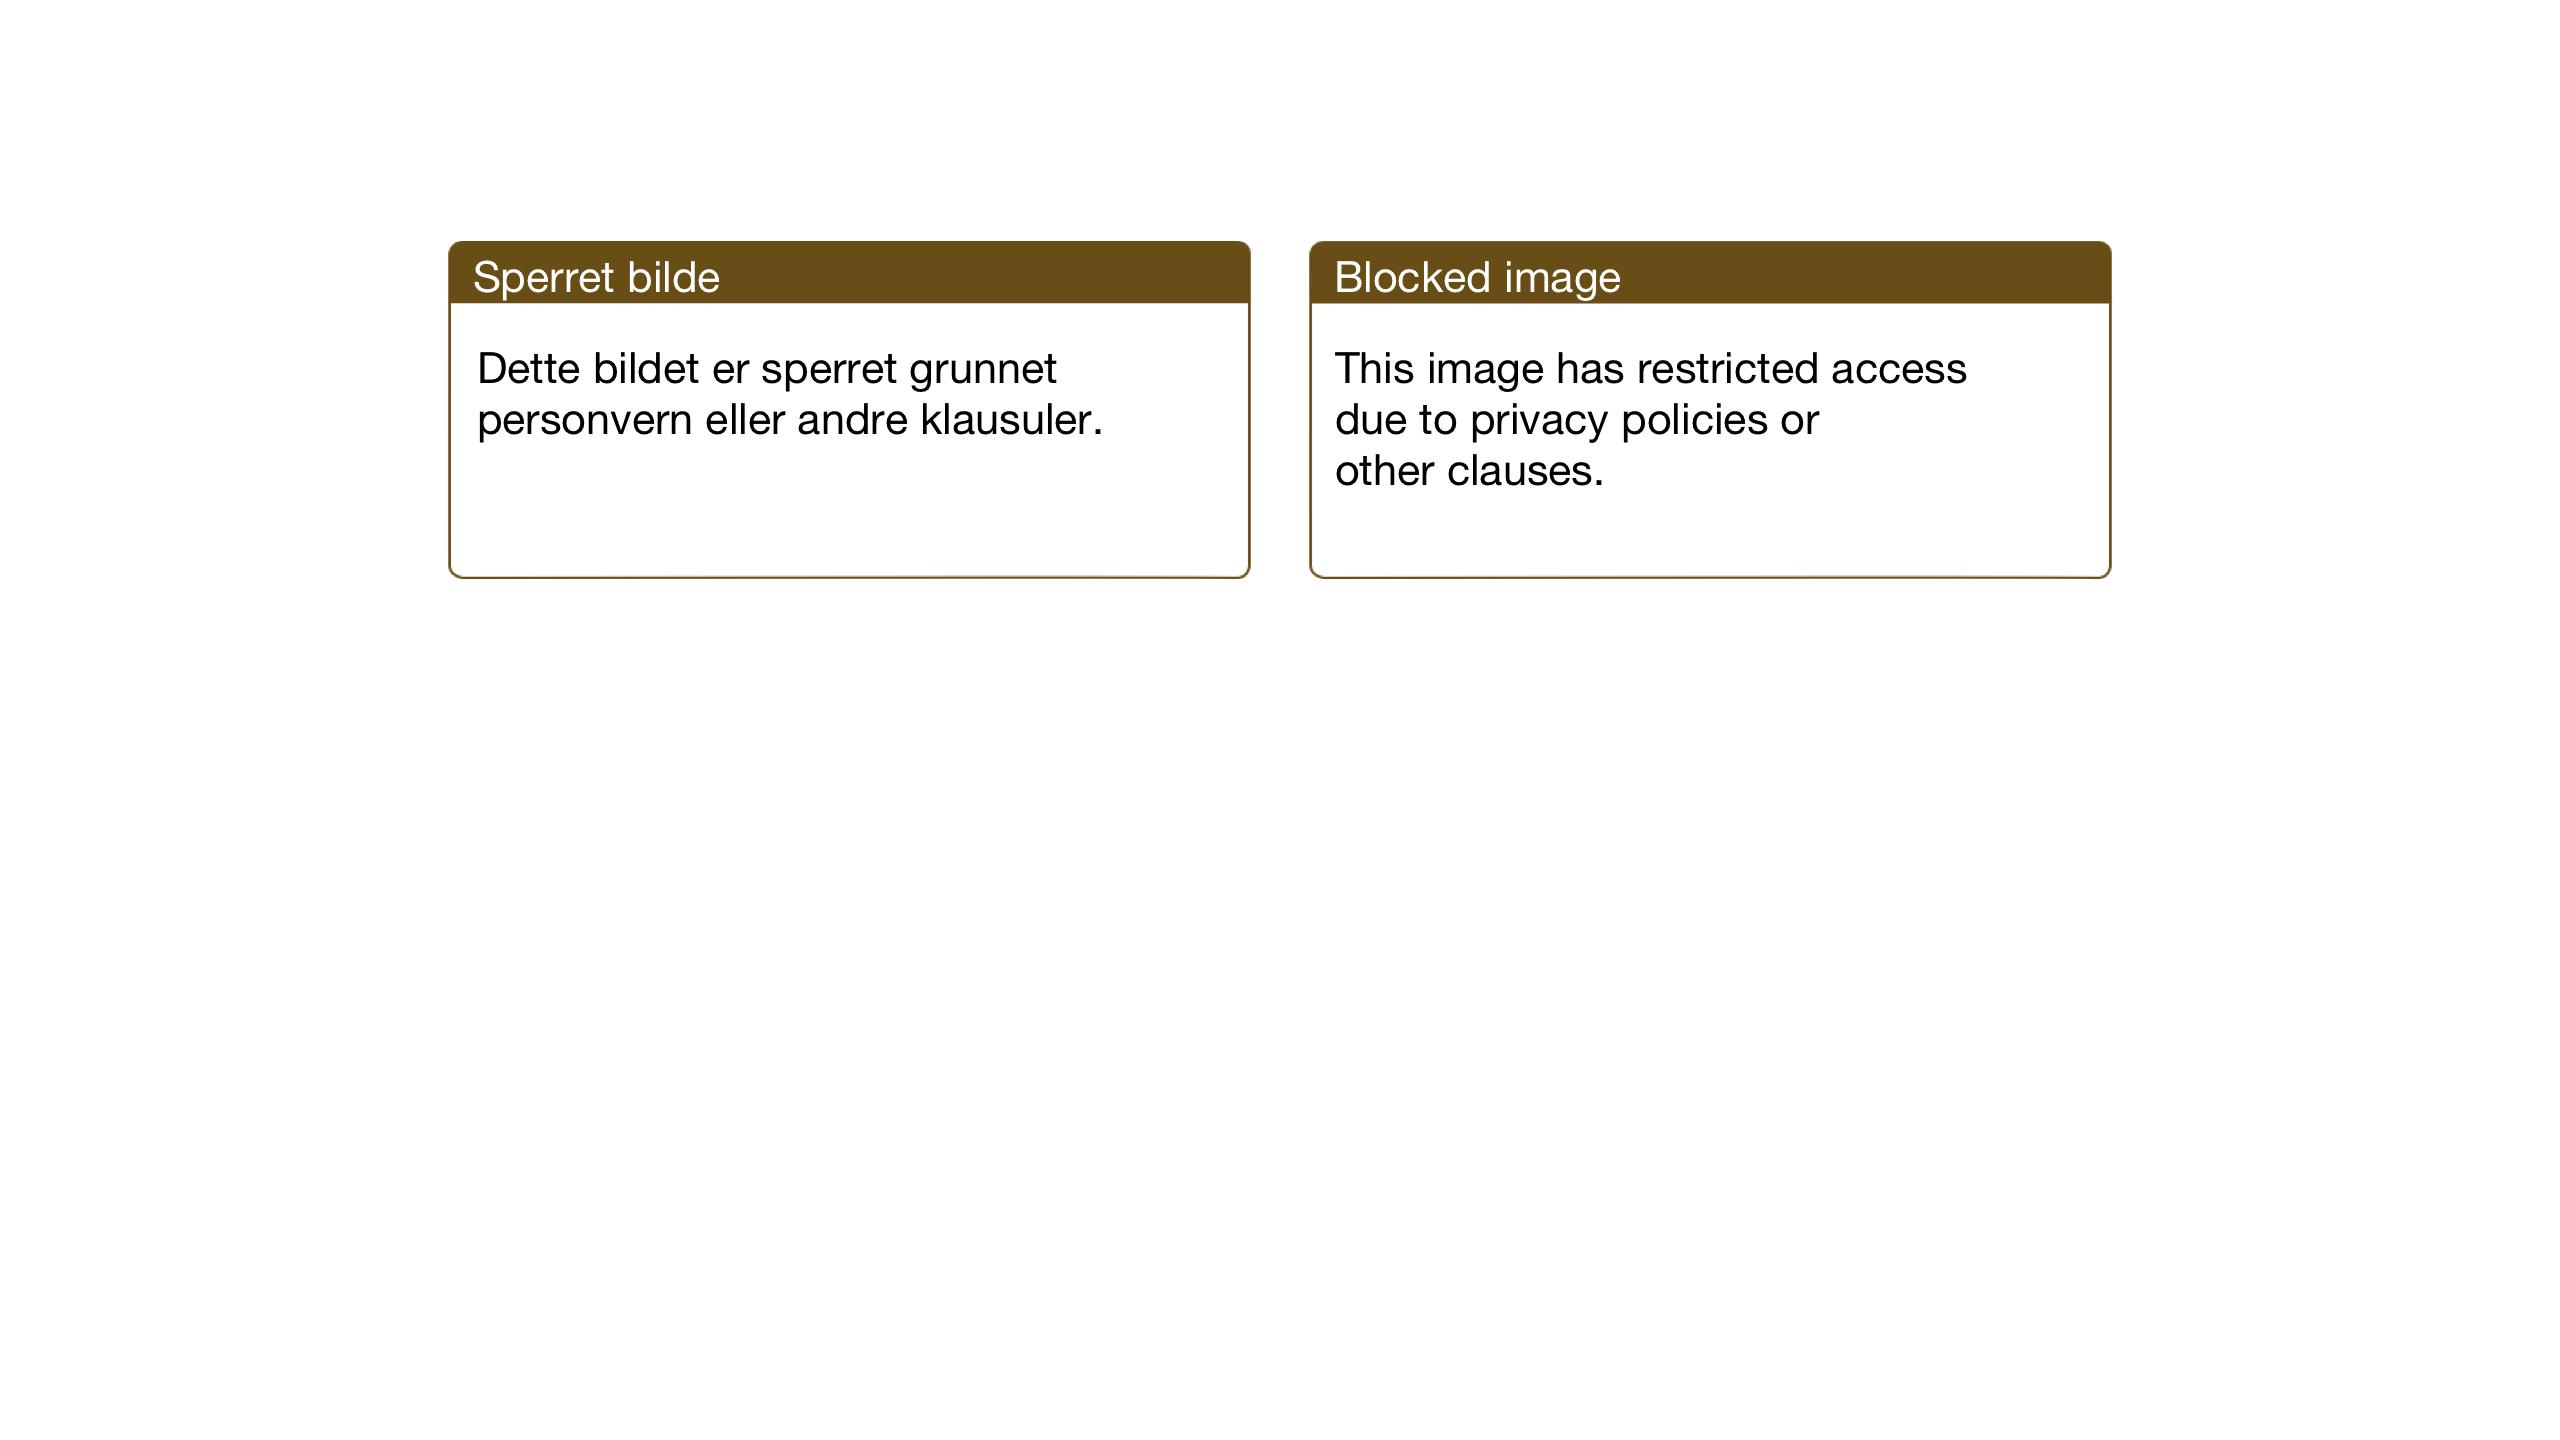 SAT, Ministerialprotokoller, klokkerbøker og fødselsregistre - Sør-Trøndelag, 637/L0564: Klokkerbok nr. 637C05, 1928-1968, s. 141